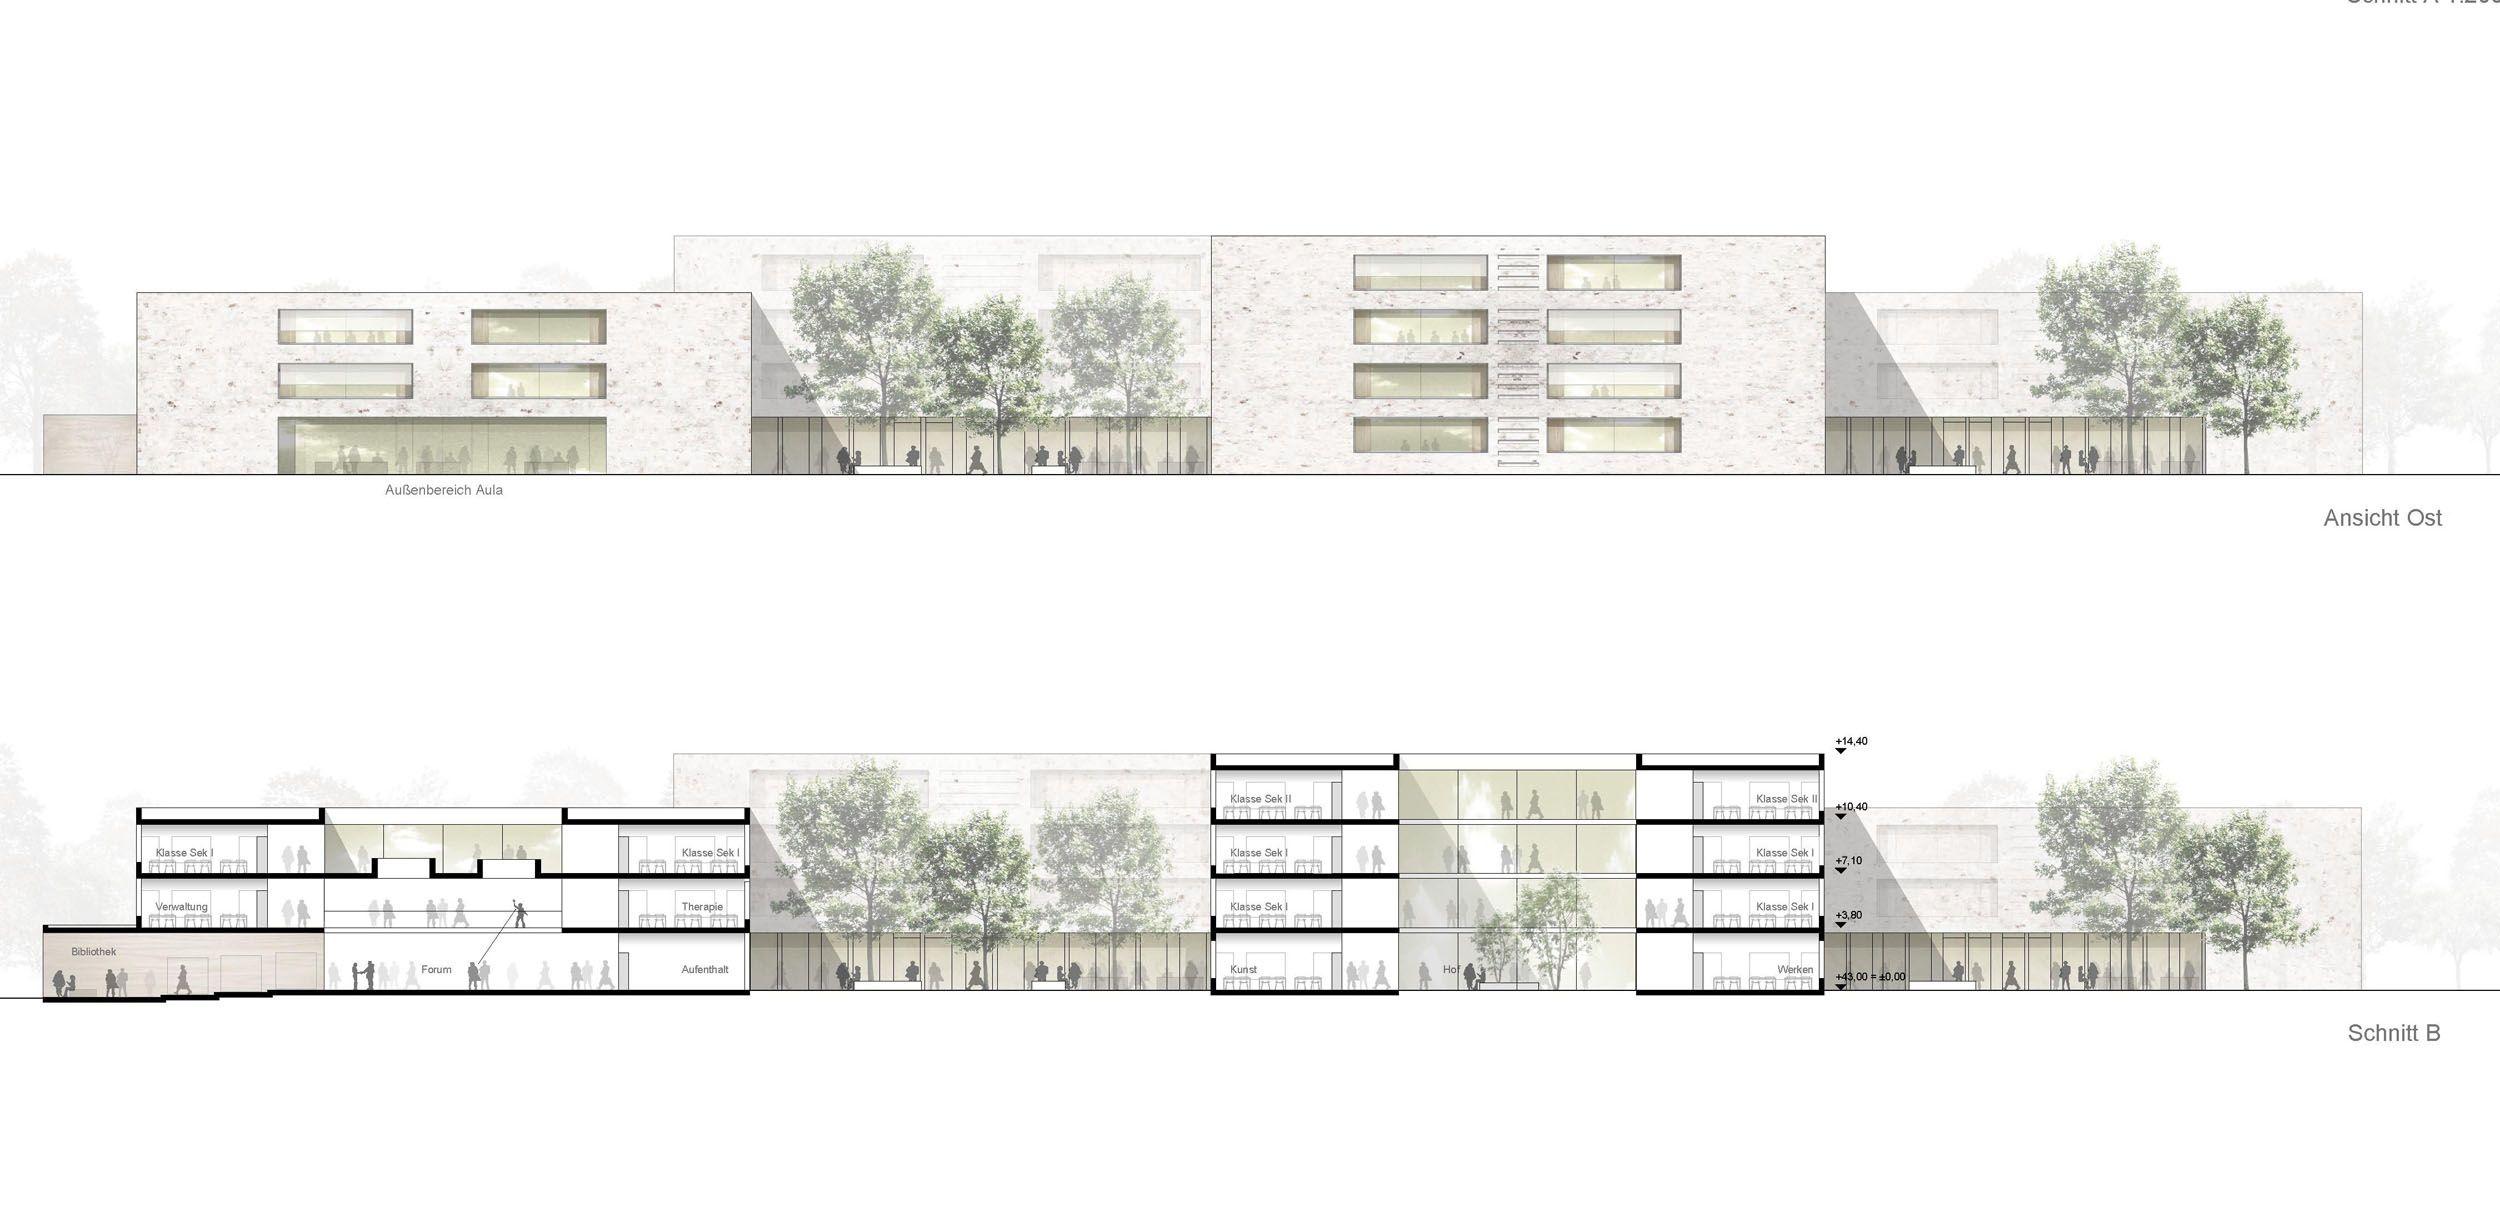 Ansicht Ost Und Schnitt B C Sehw Architektur Konzept